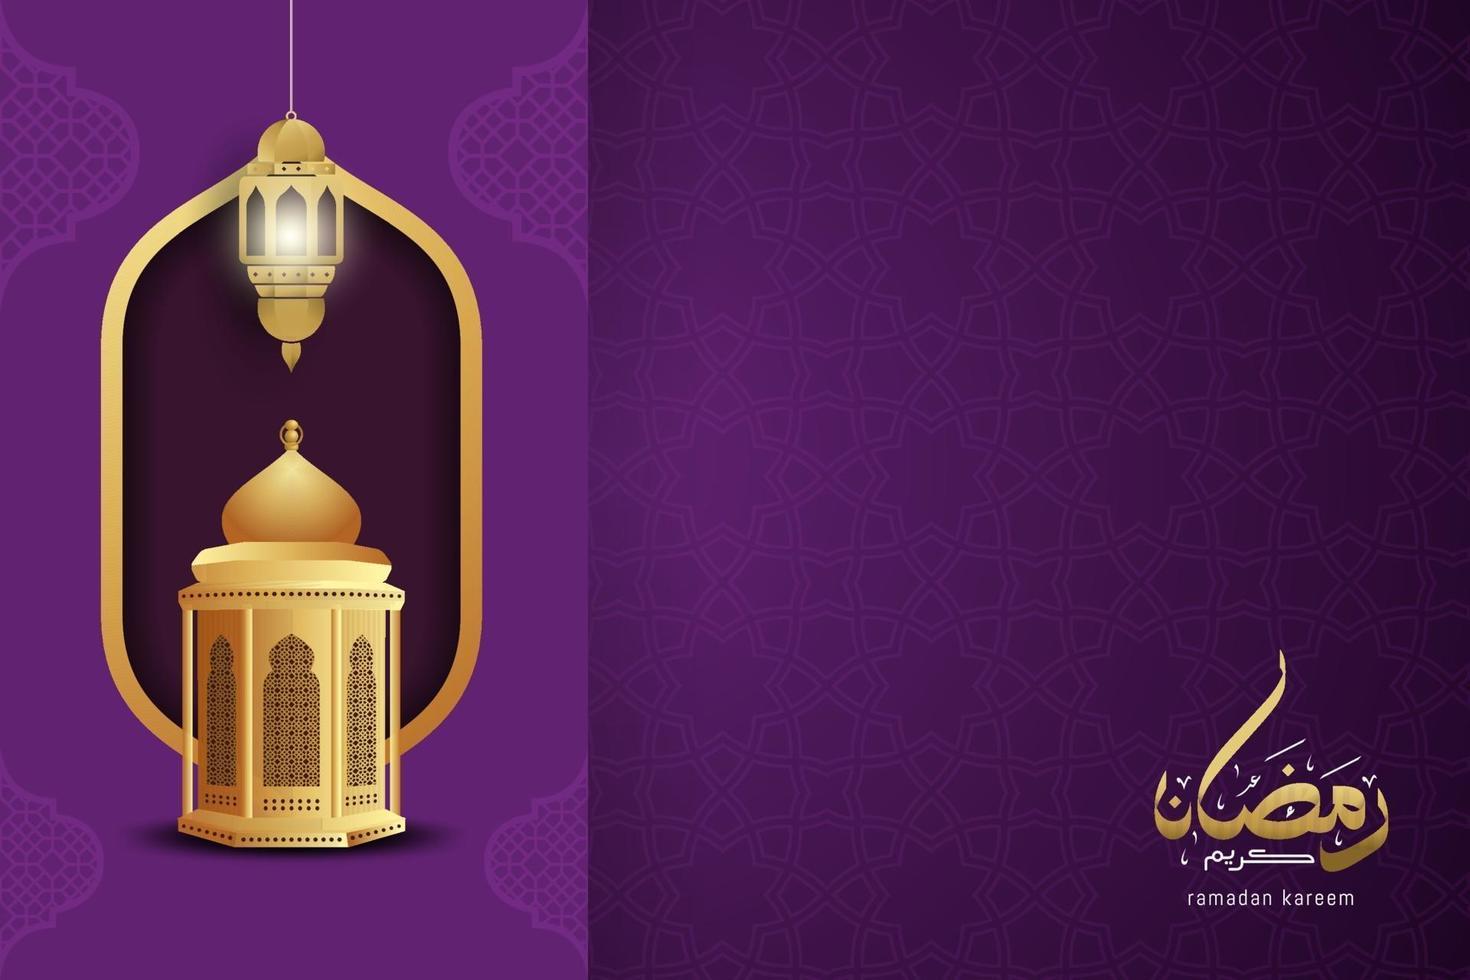 ramadan kareem gratulationskort med arabisk kalligrafi vektor